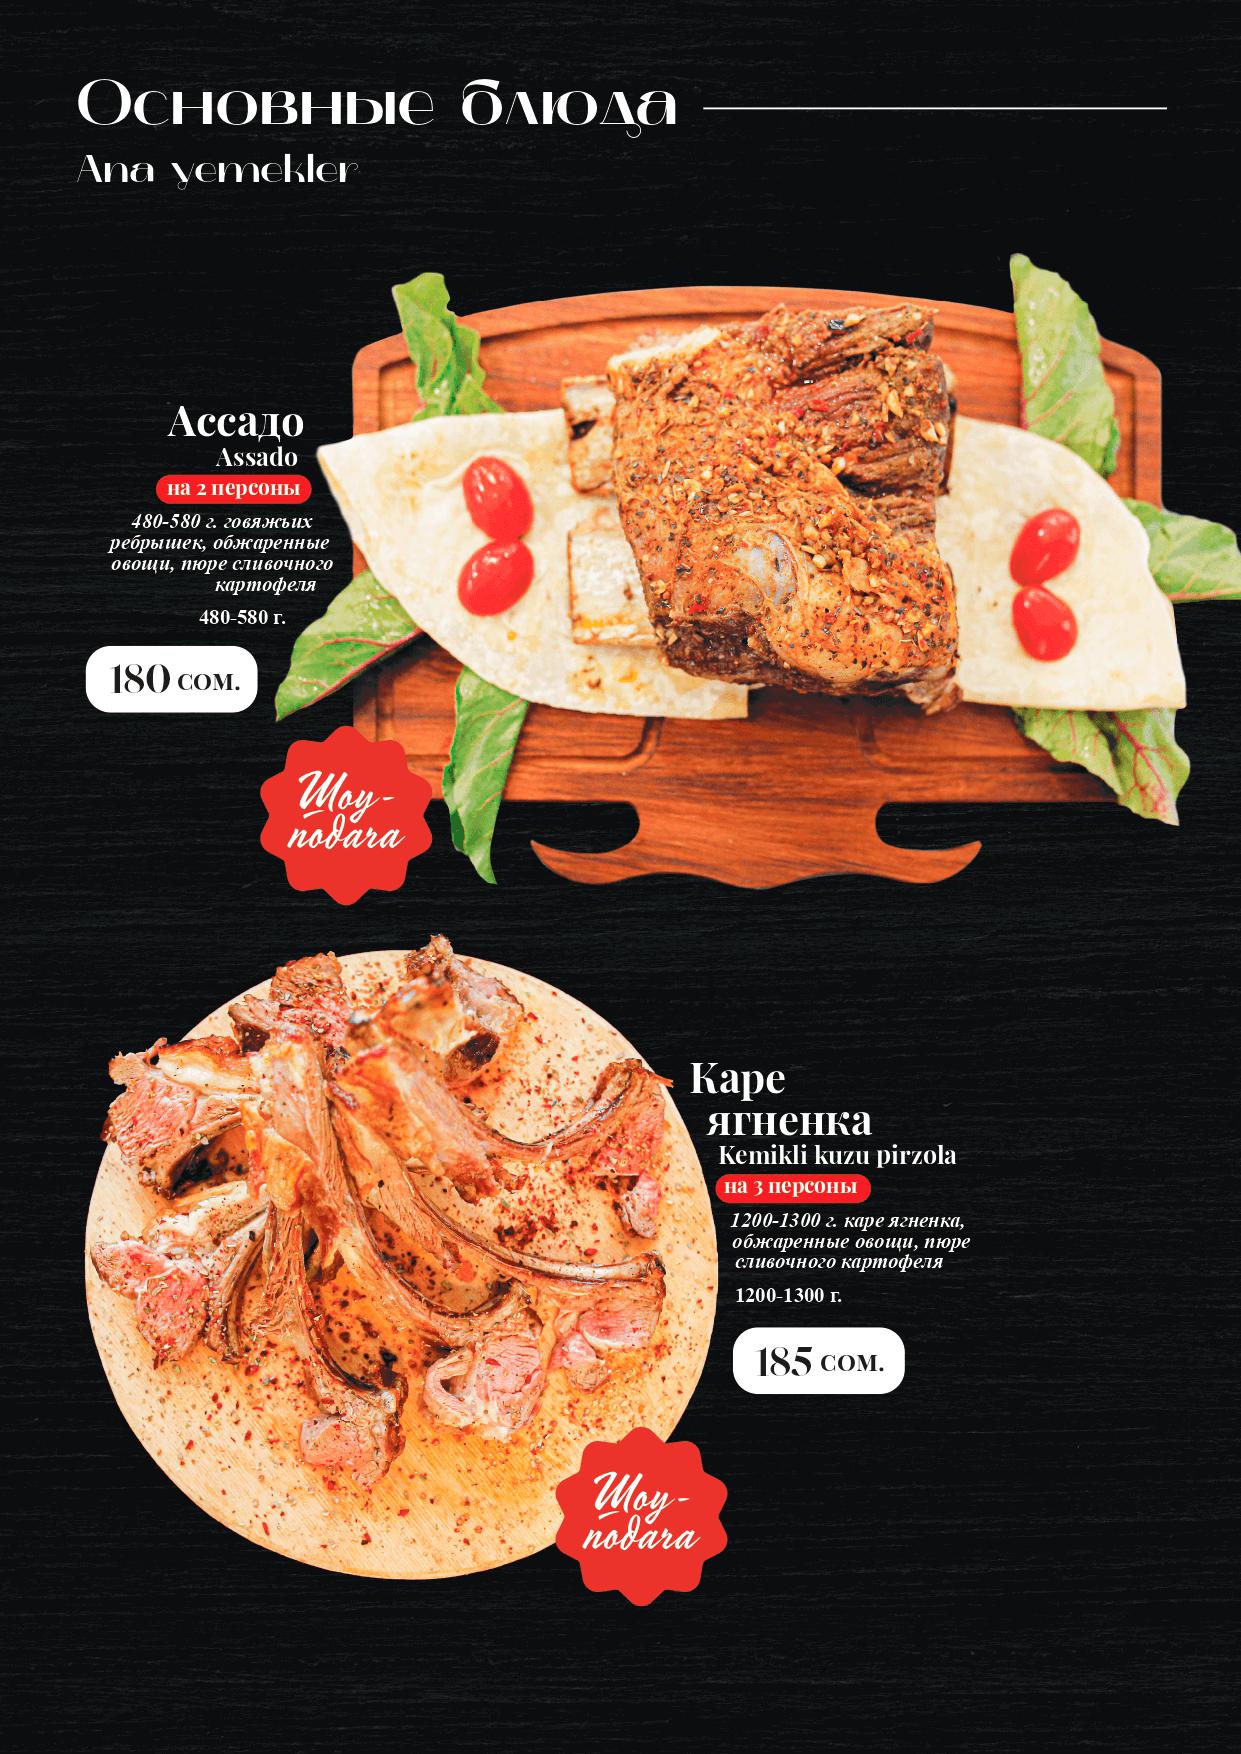 Assado_menu_page-0021